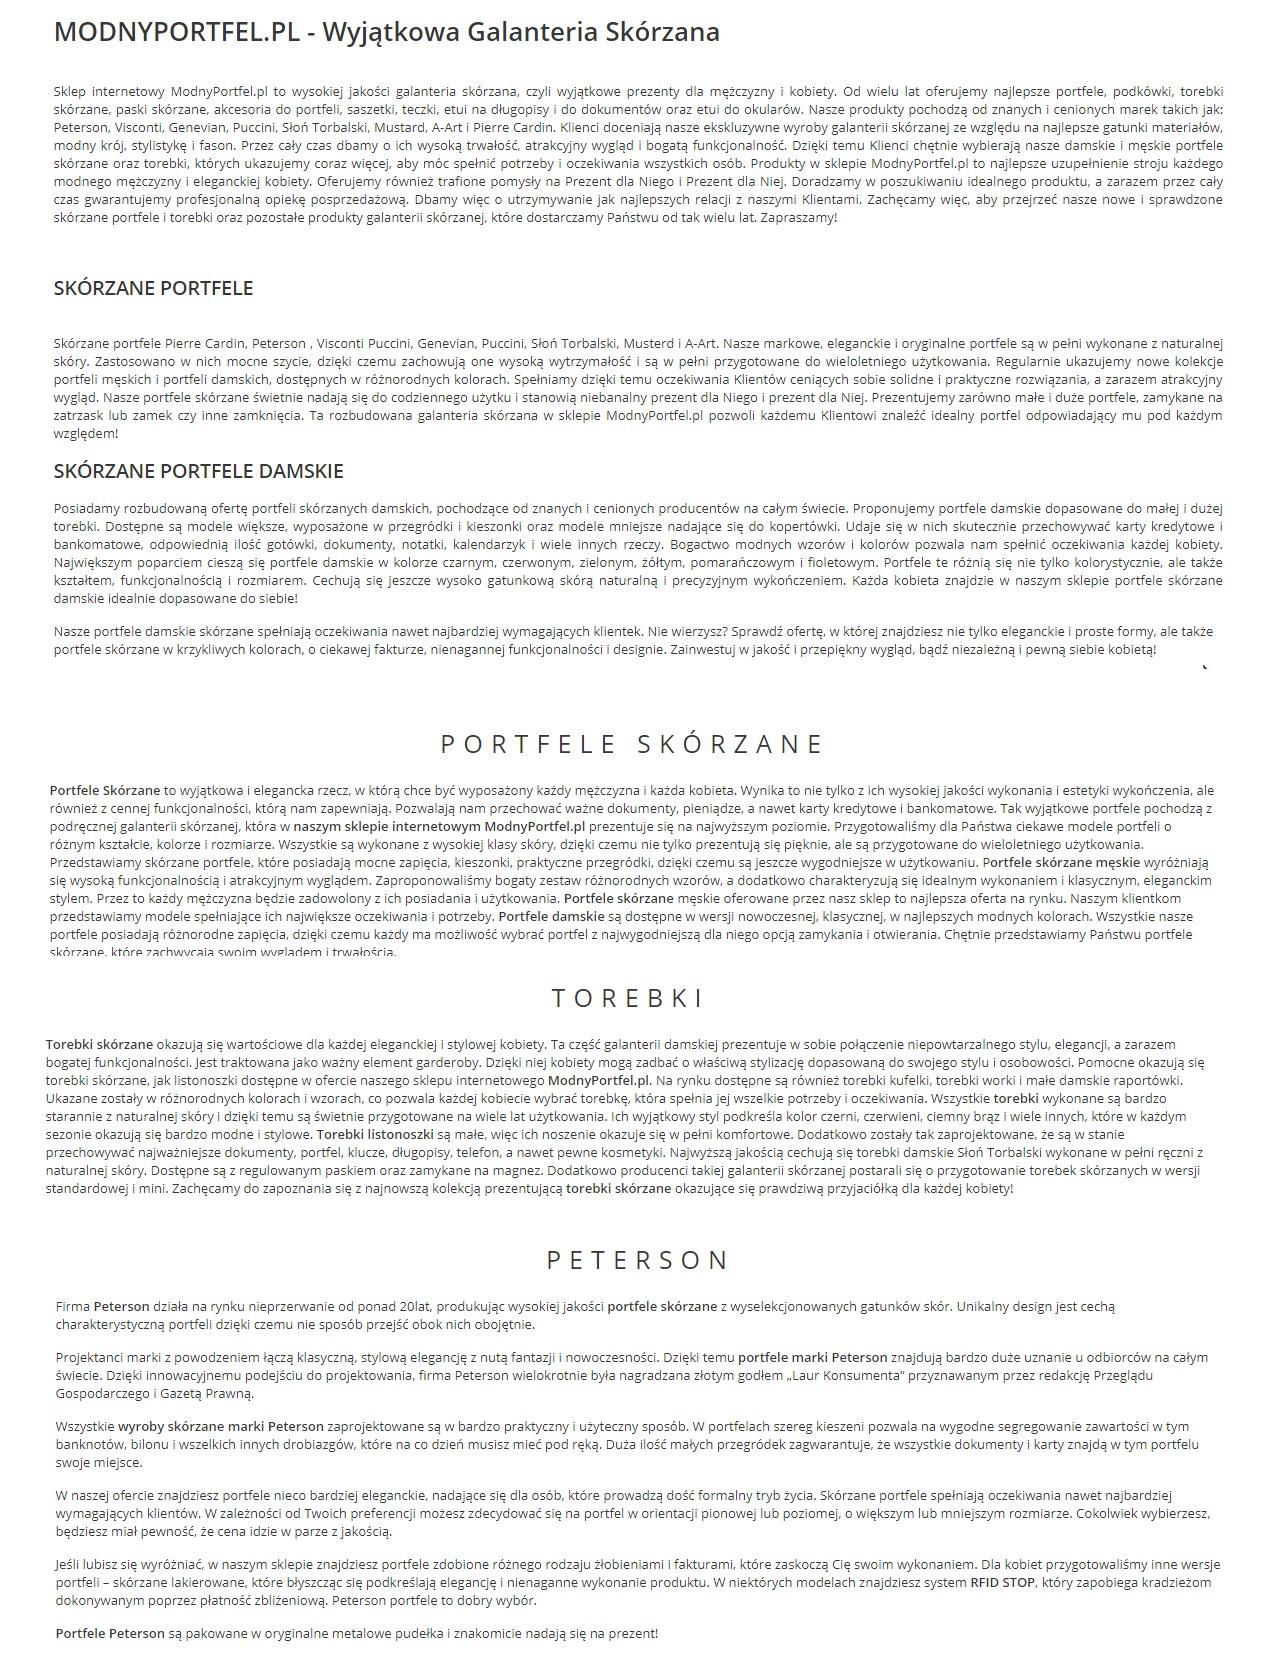 portfolio/011/004811/teksty na stronę główną, kategorii i podkategorii Copywriter Szymon Owedyk.jpg